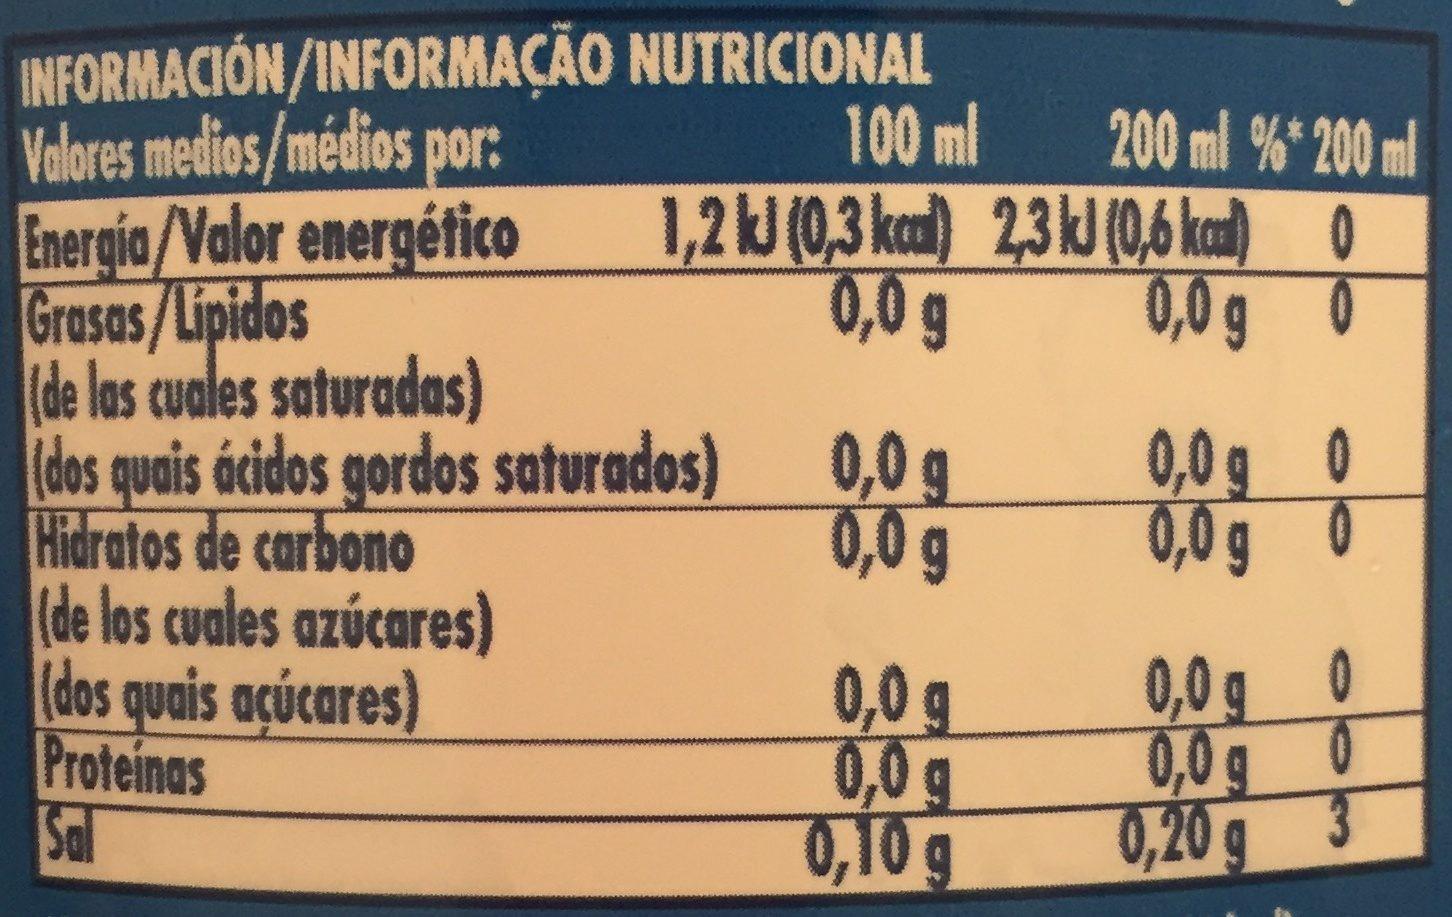 Limonade La Casera 0% - Información nutricional - es